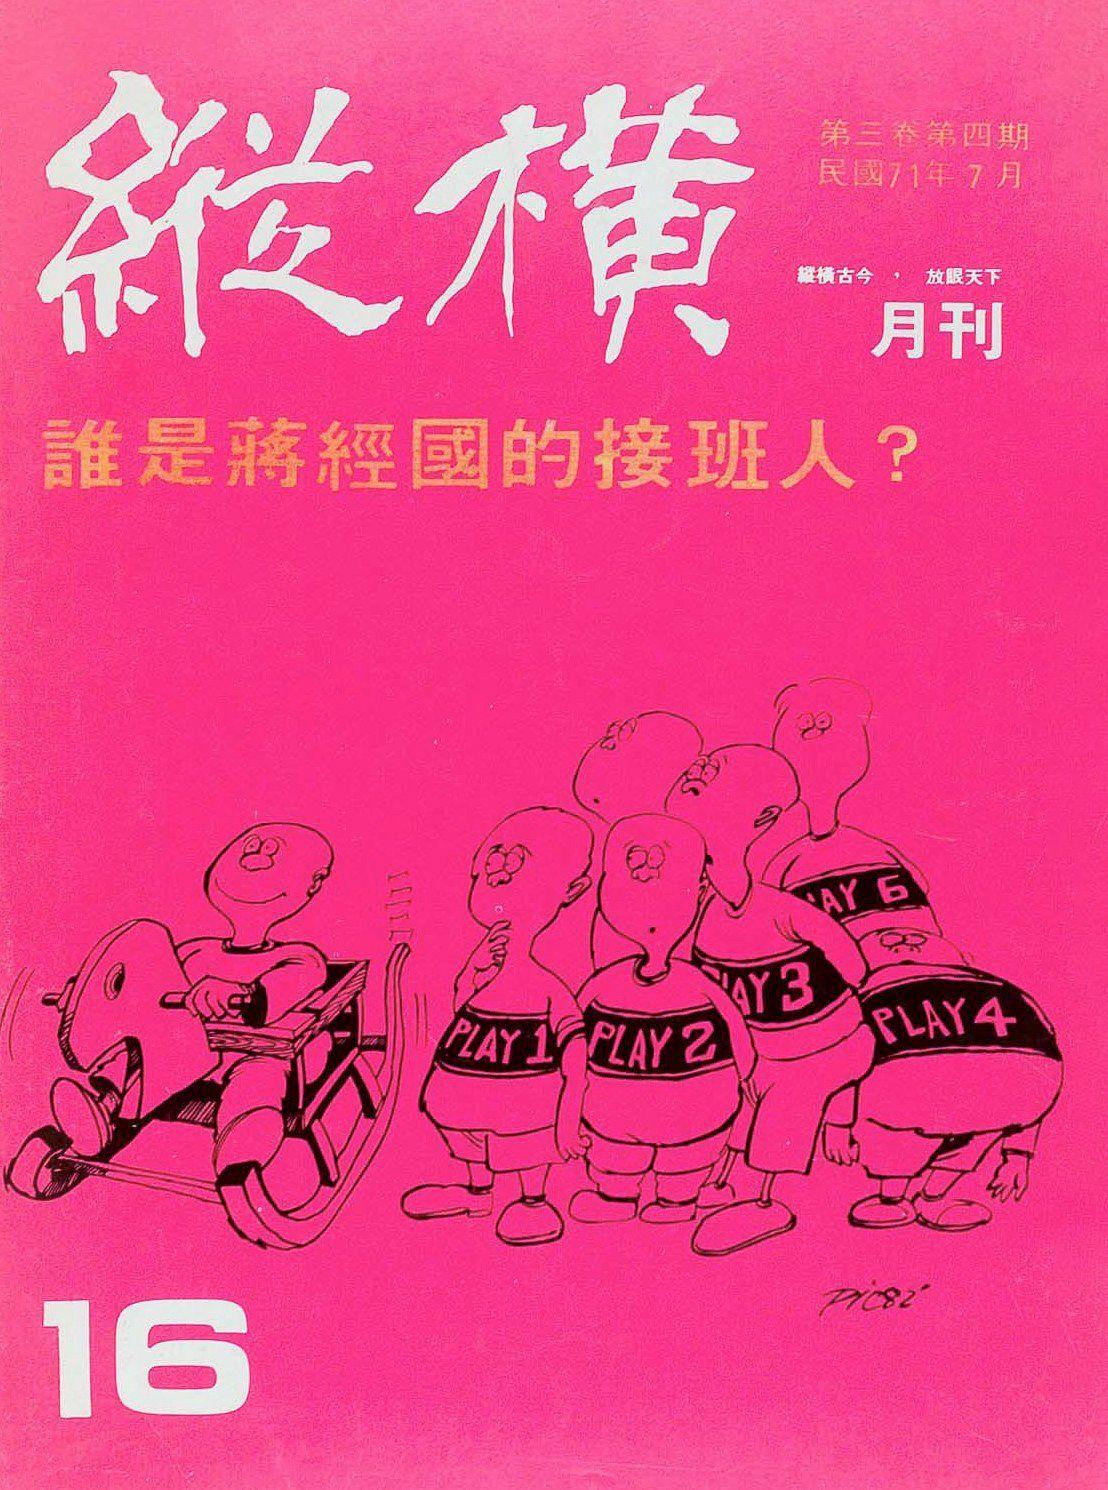 予言 本 1982 コロナ